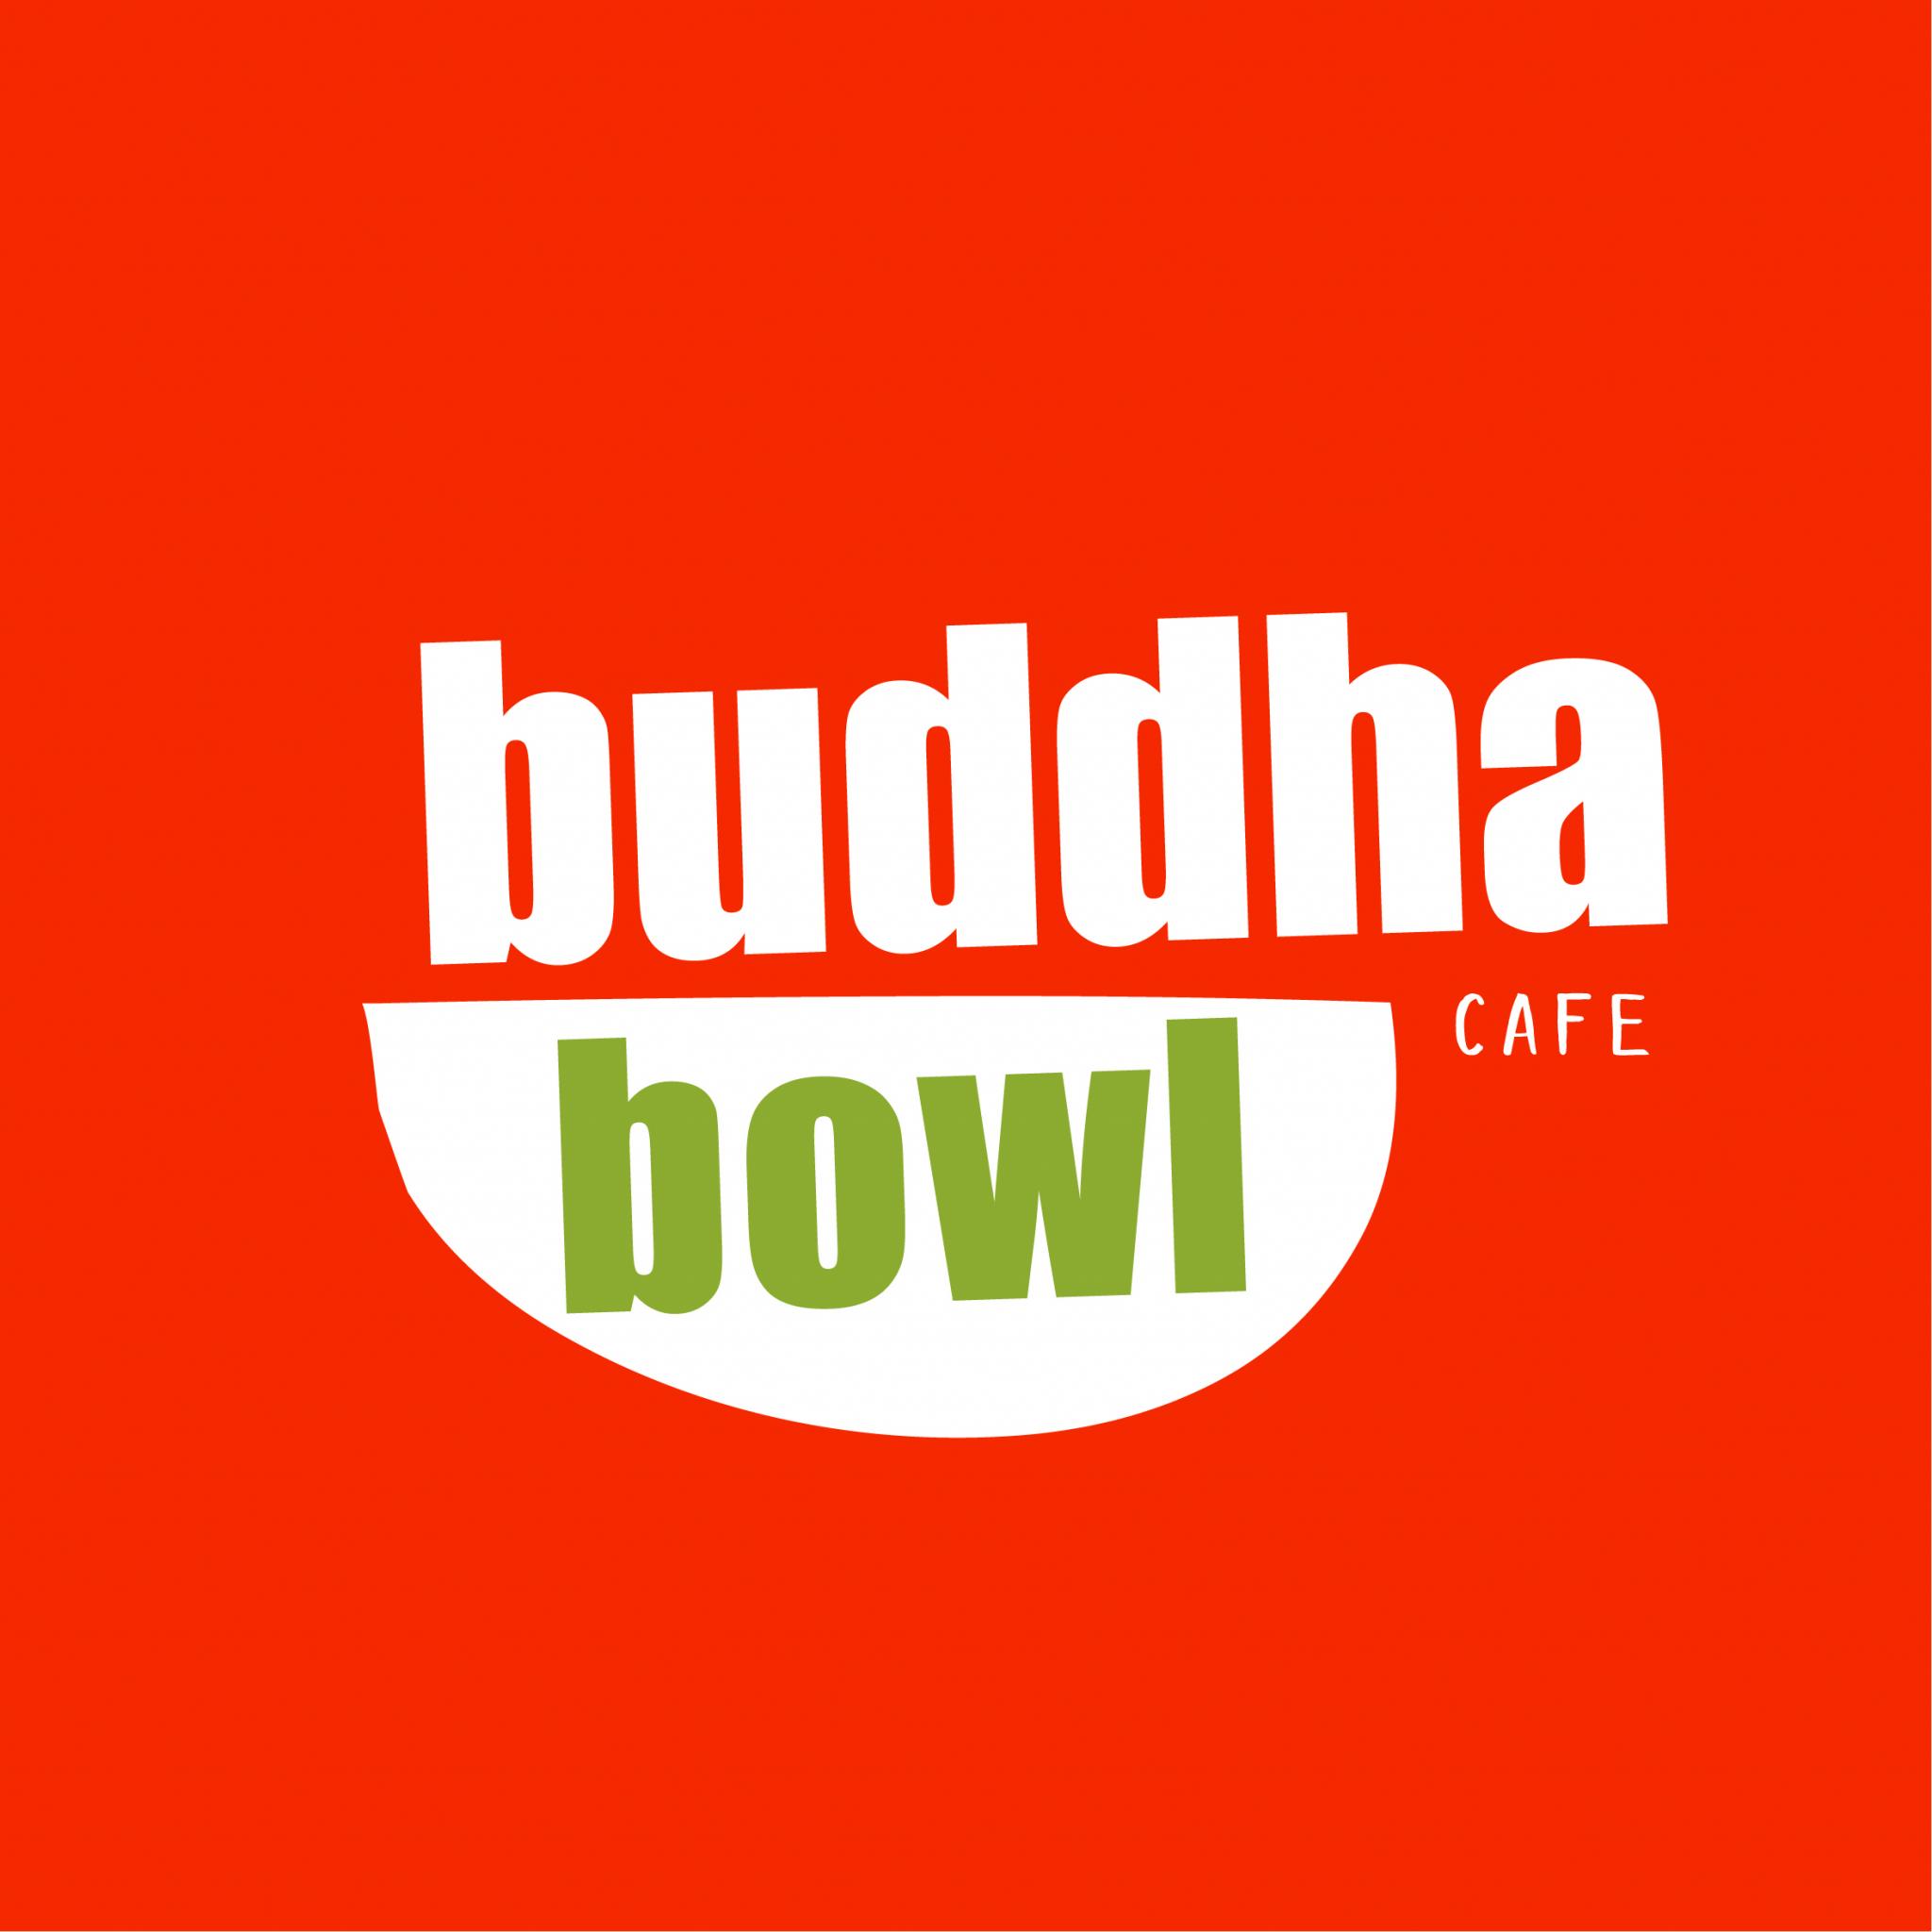 Buddha Bowl Cafe